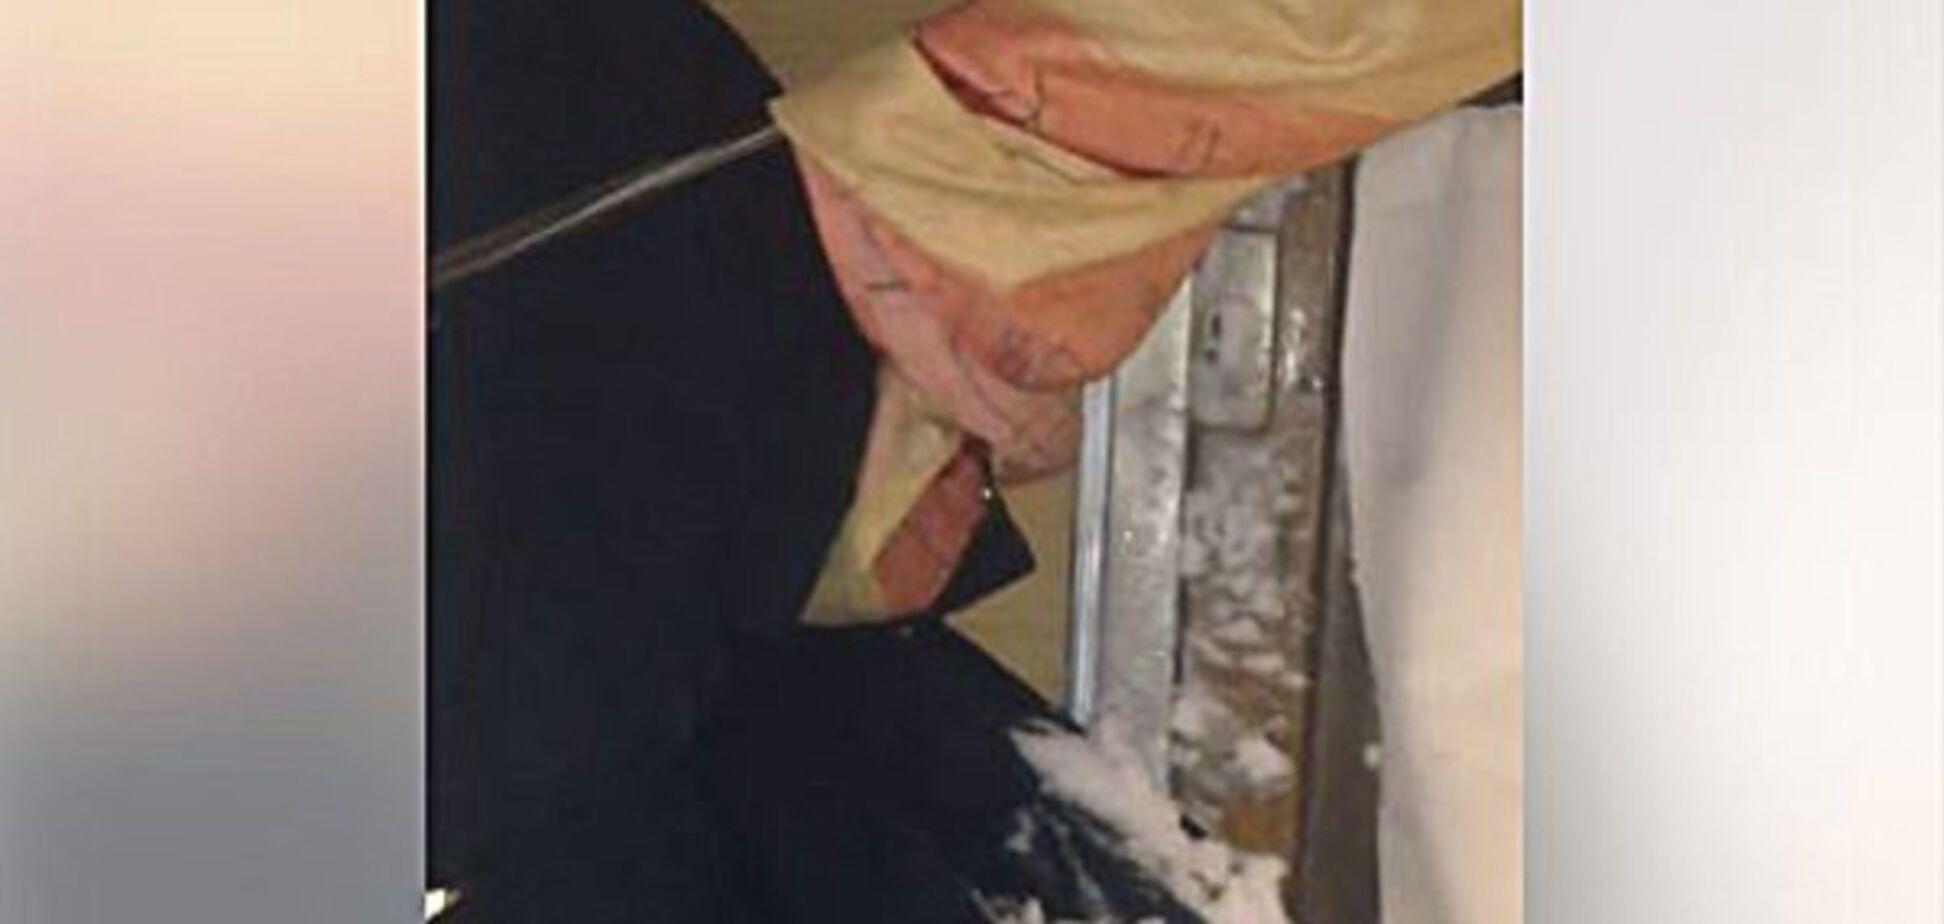 Выжившие: в поезде Москва - Одесса заморозили пассажиров